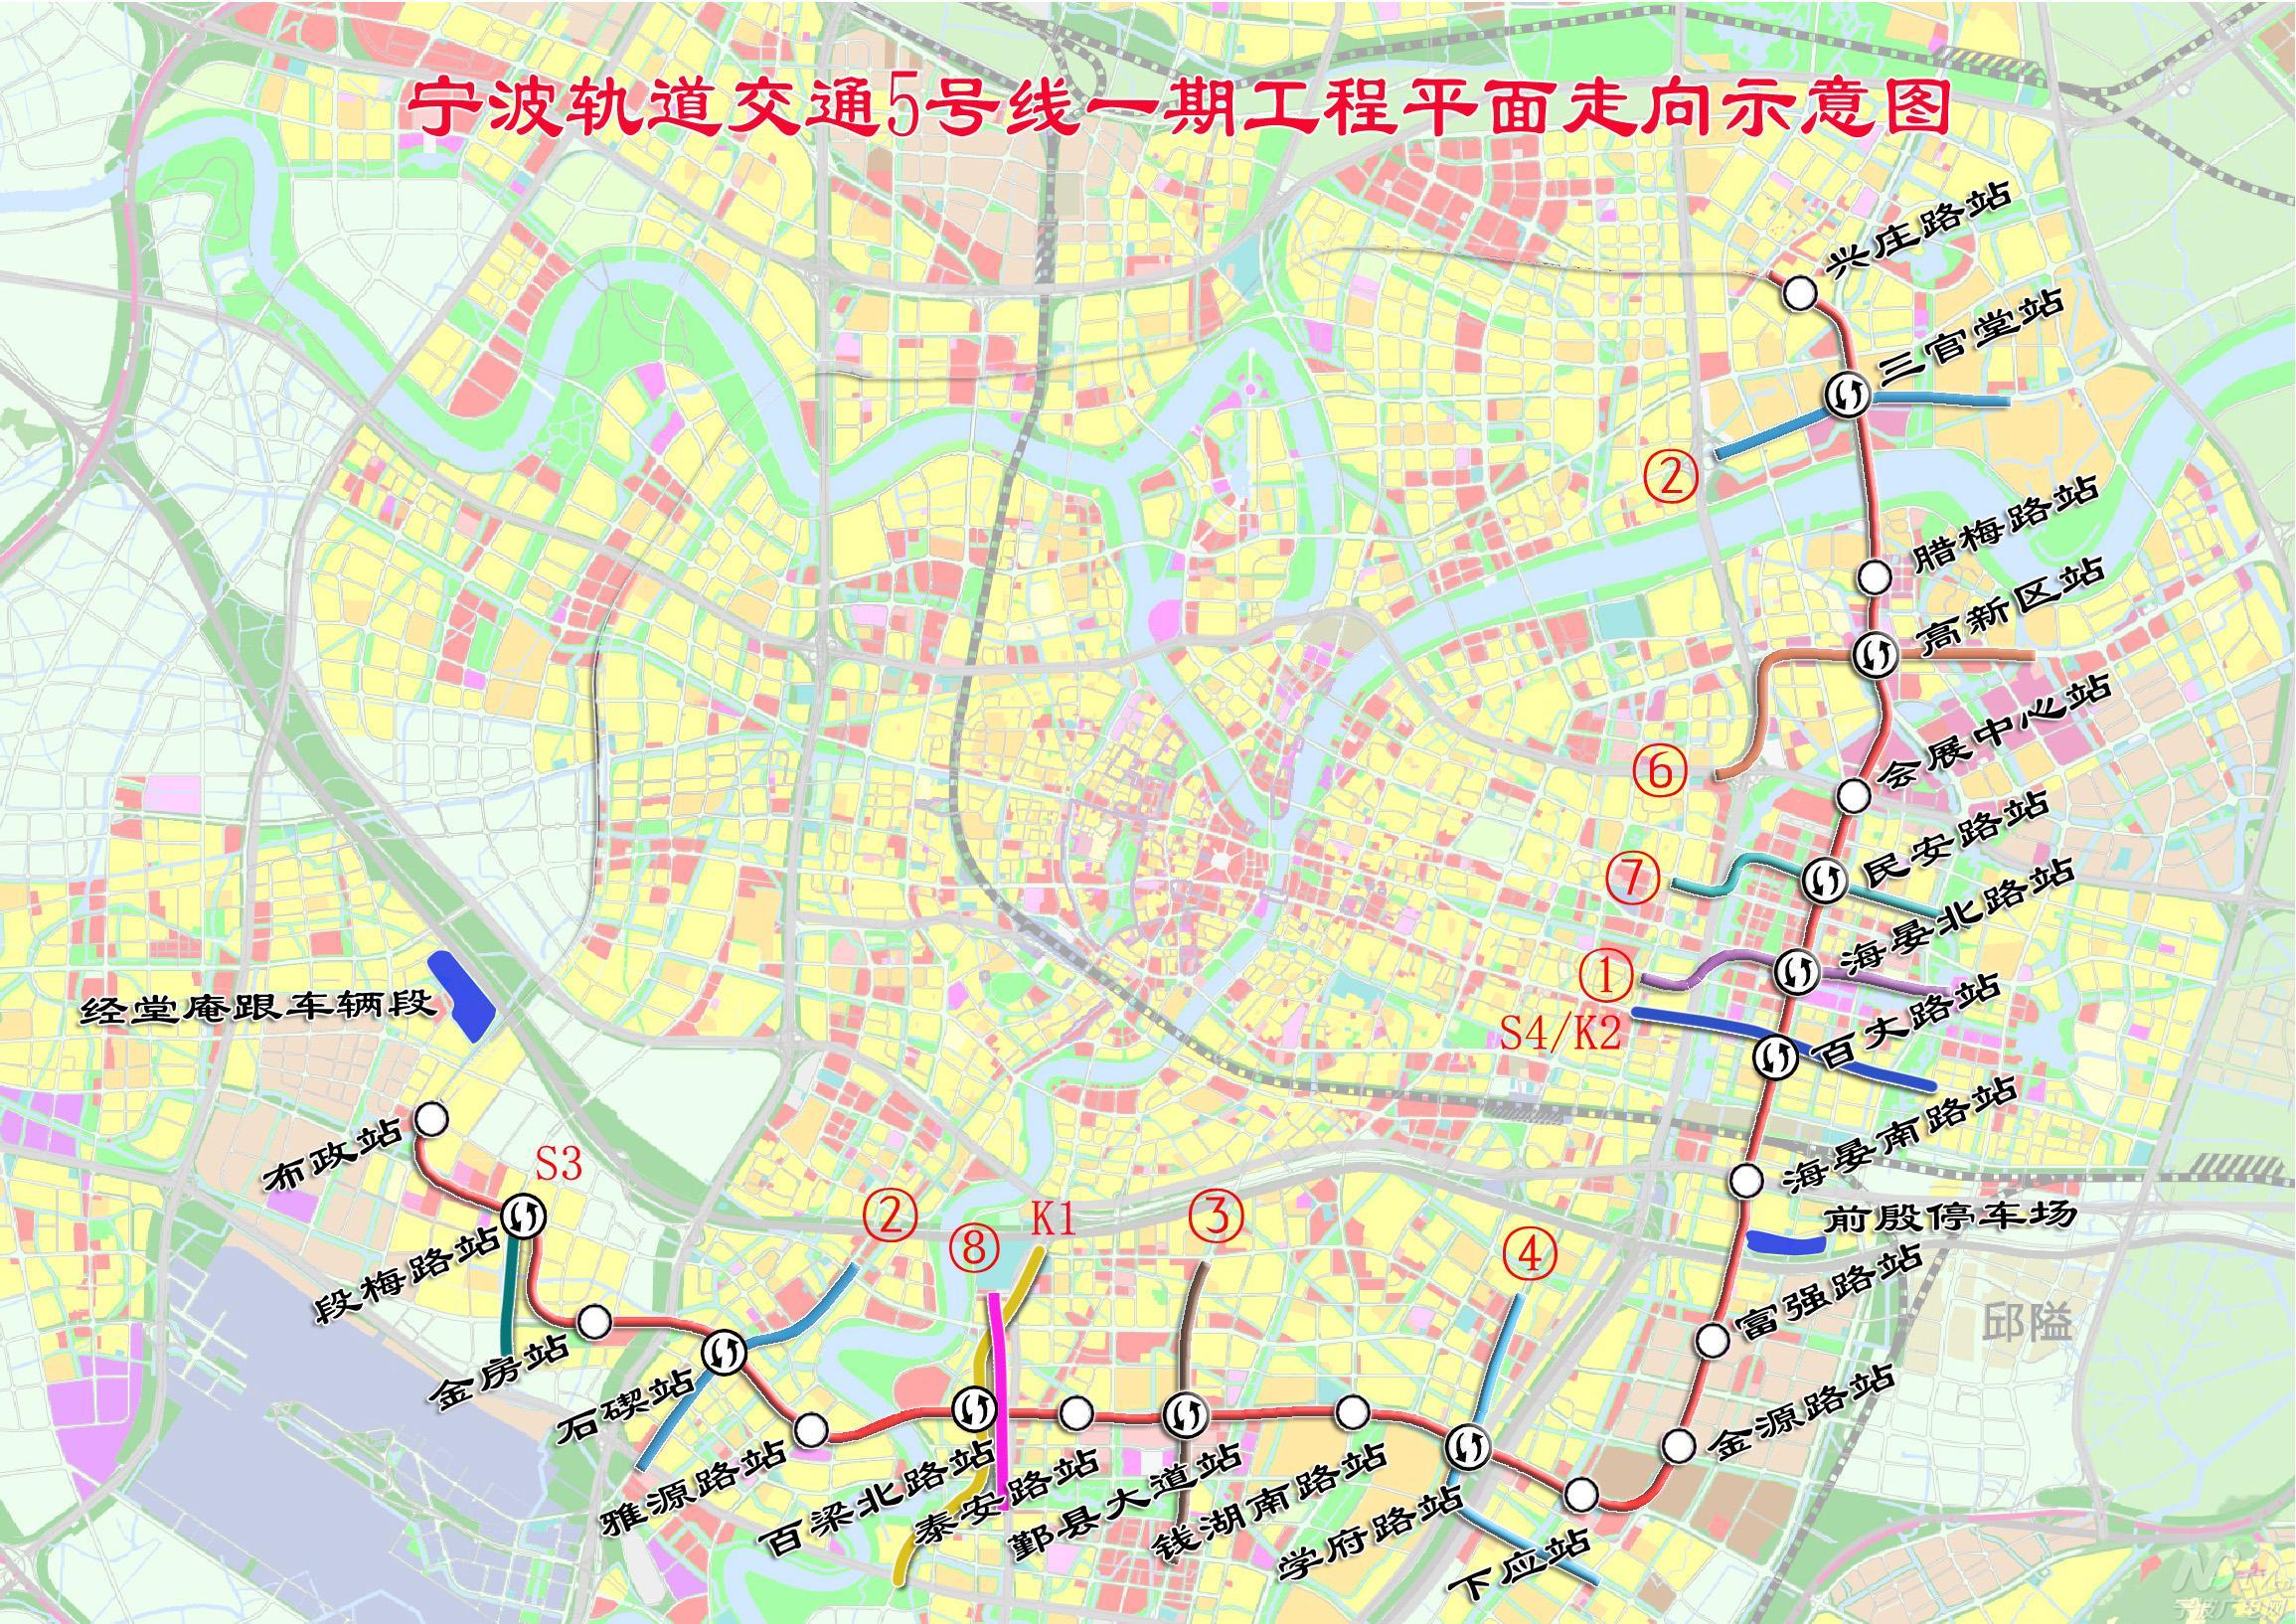 宁波地铁5号线一期正式开工 附22个站点概况图片